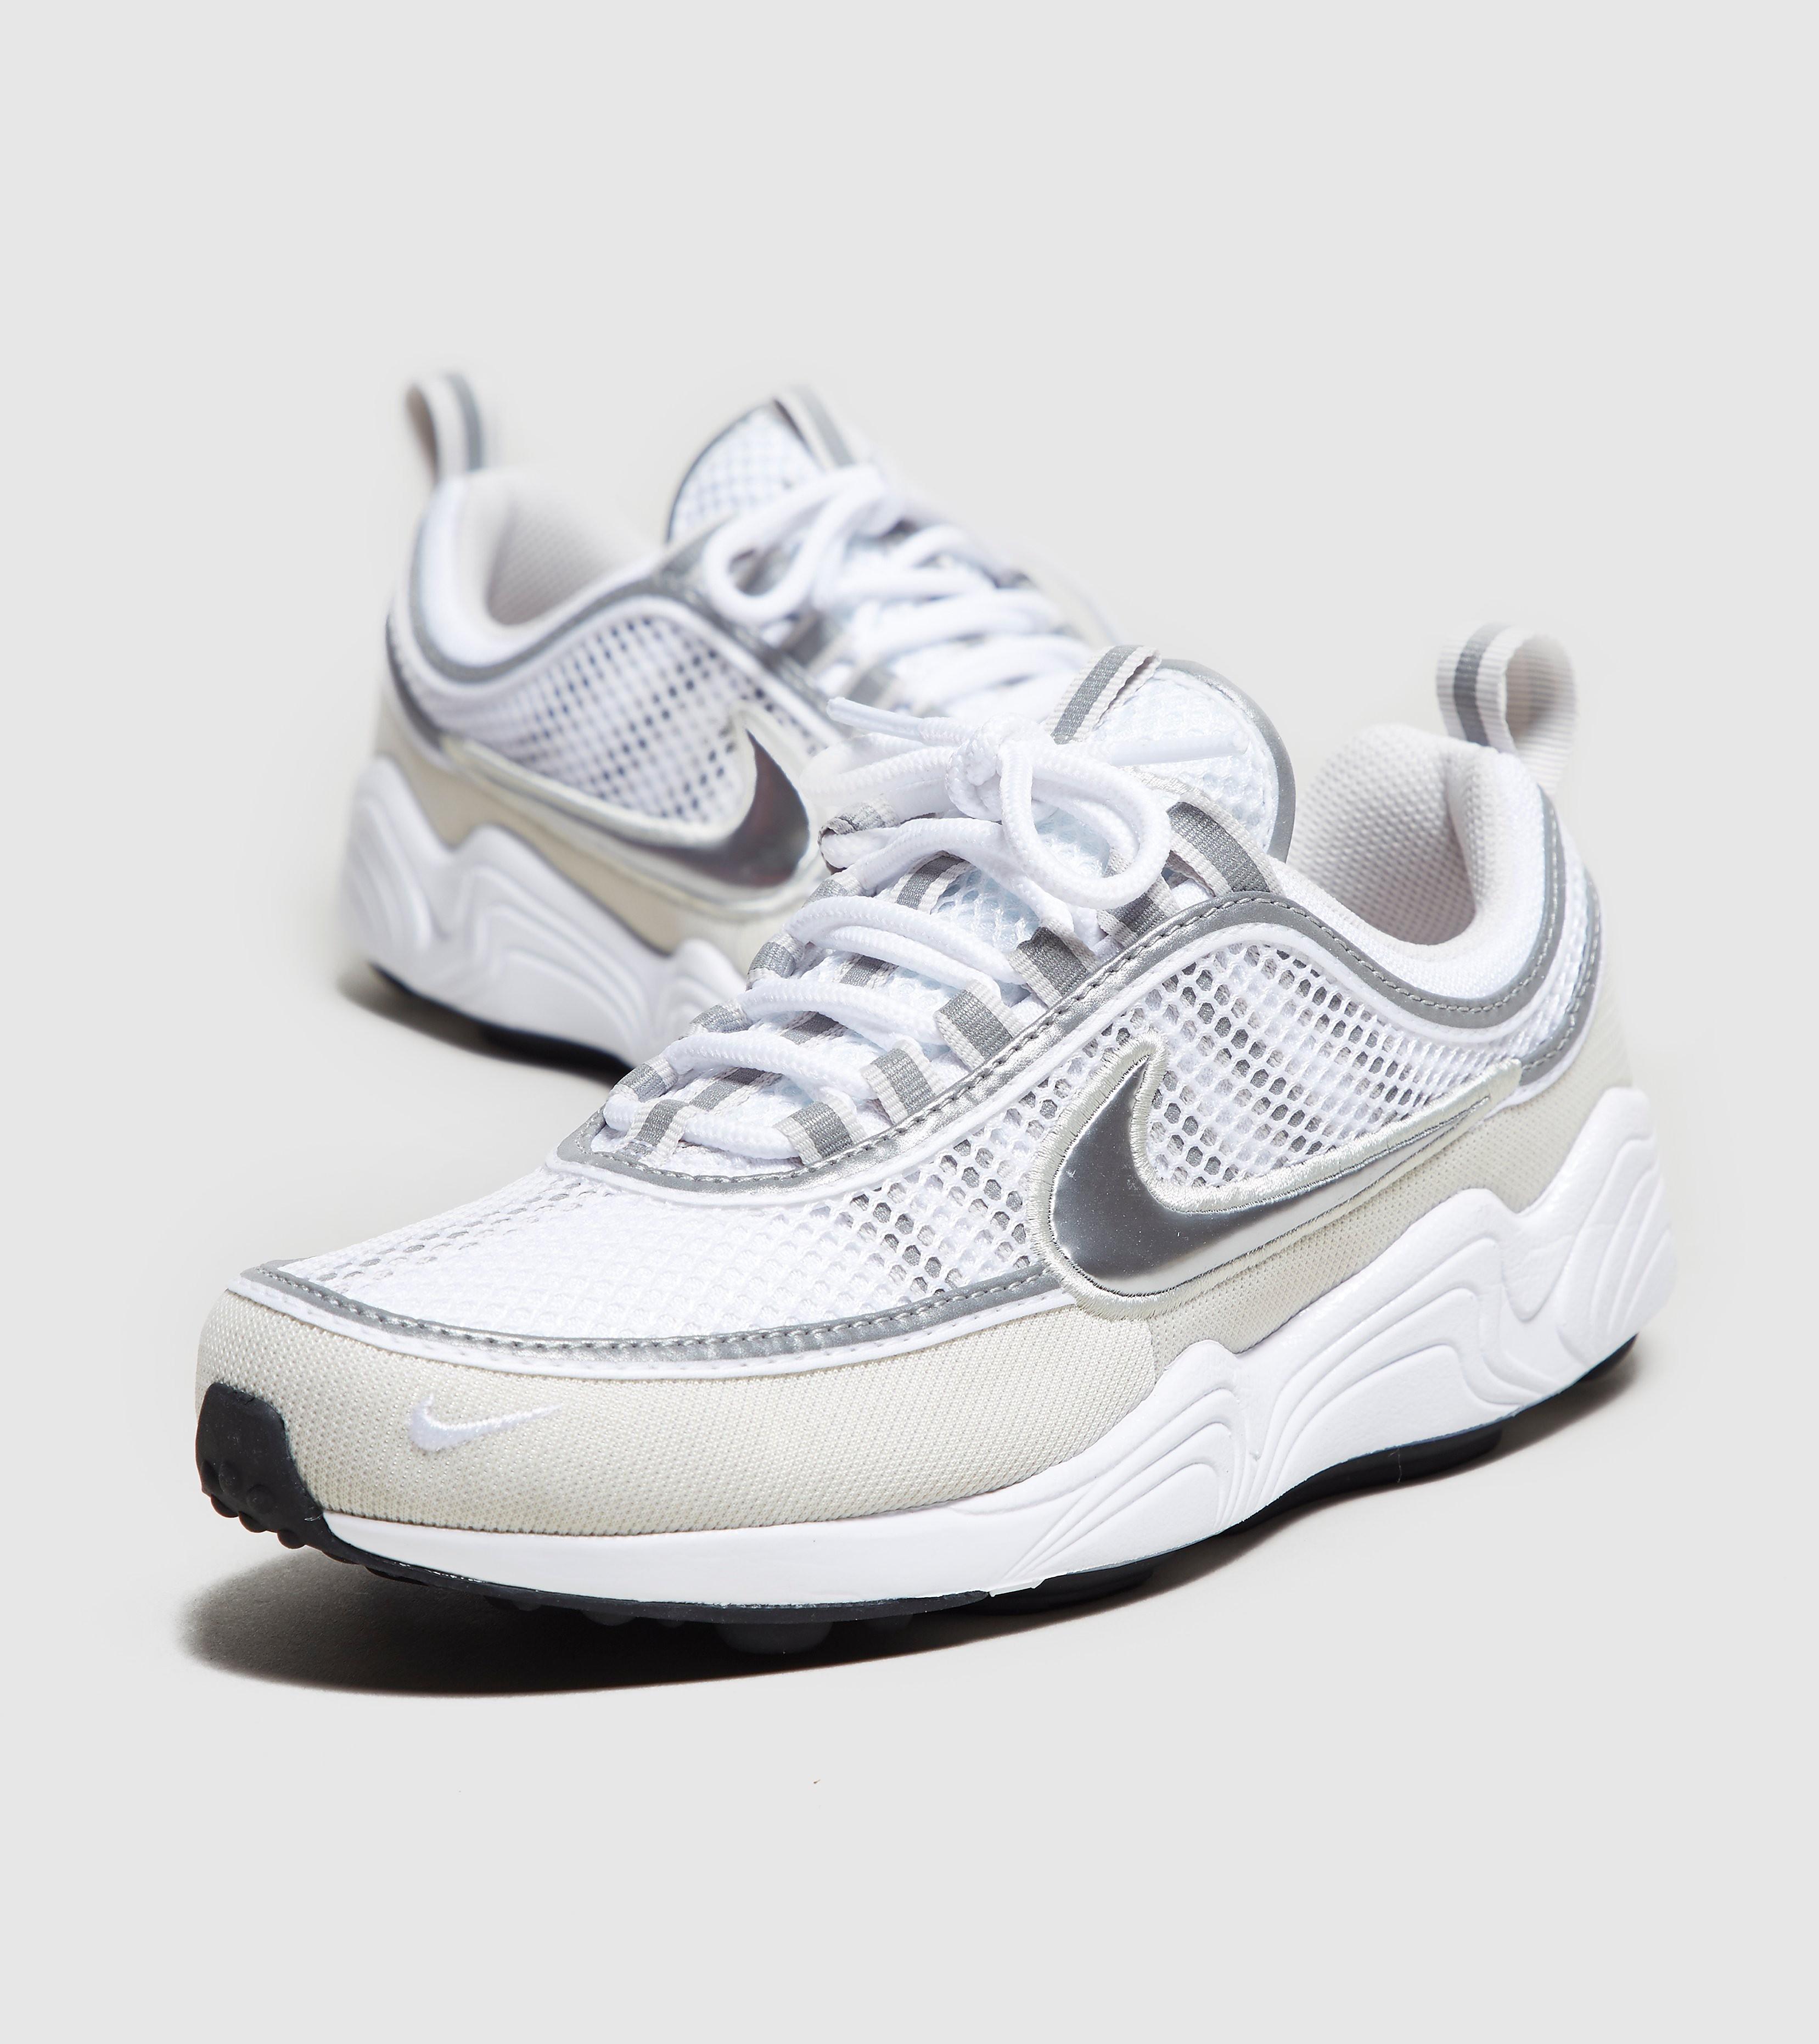 Nike Zoom Spiridon Women's